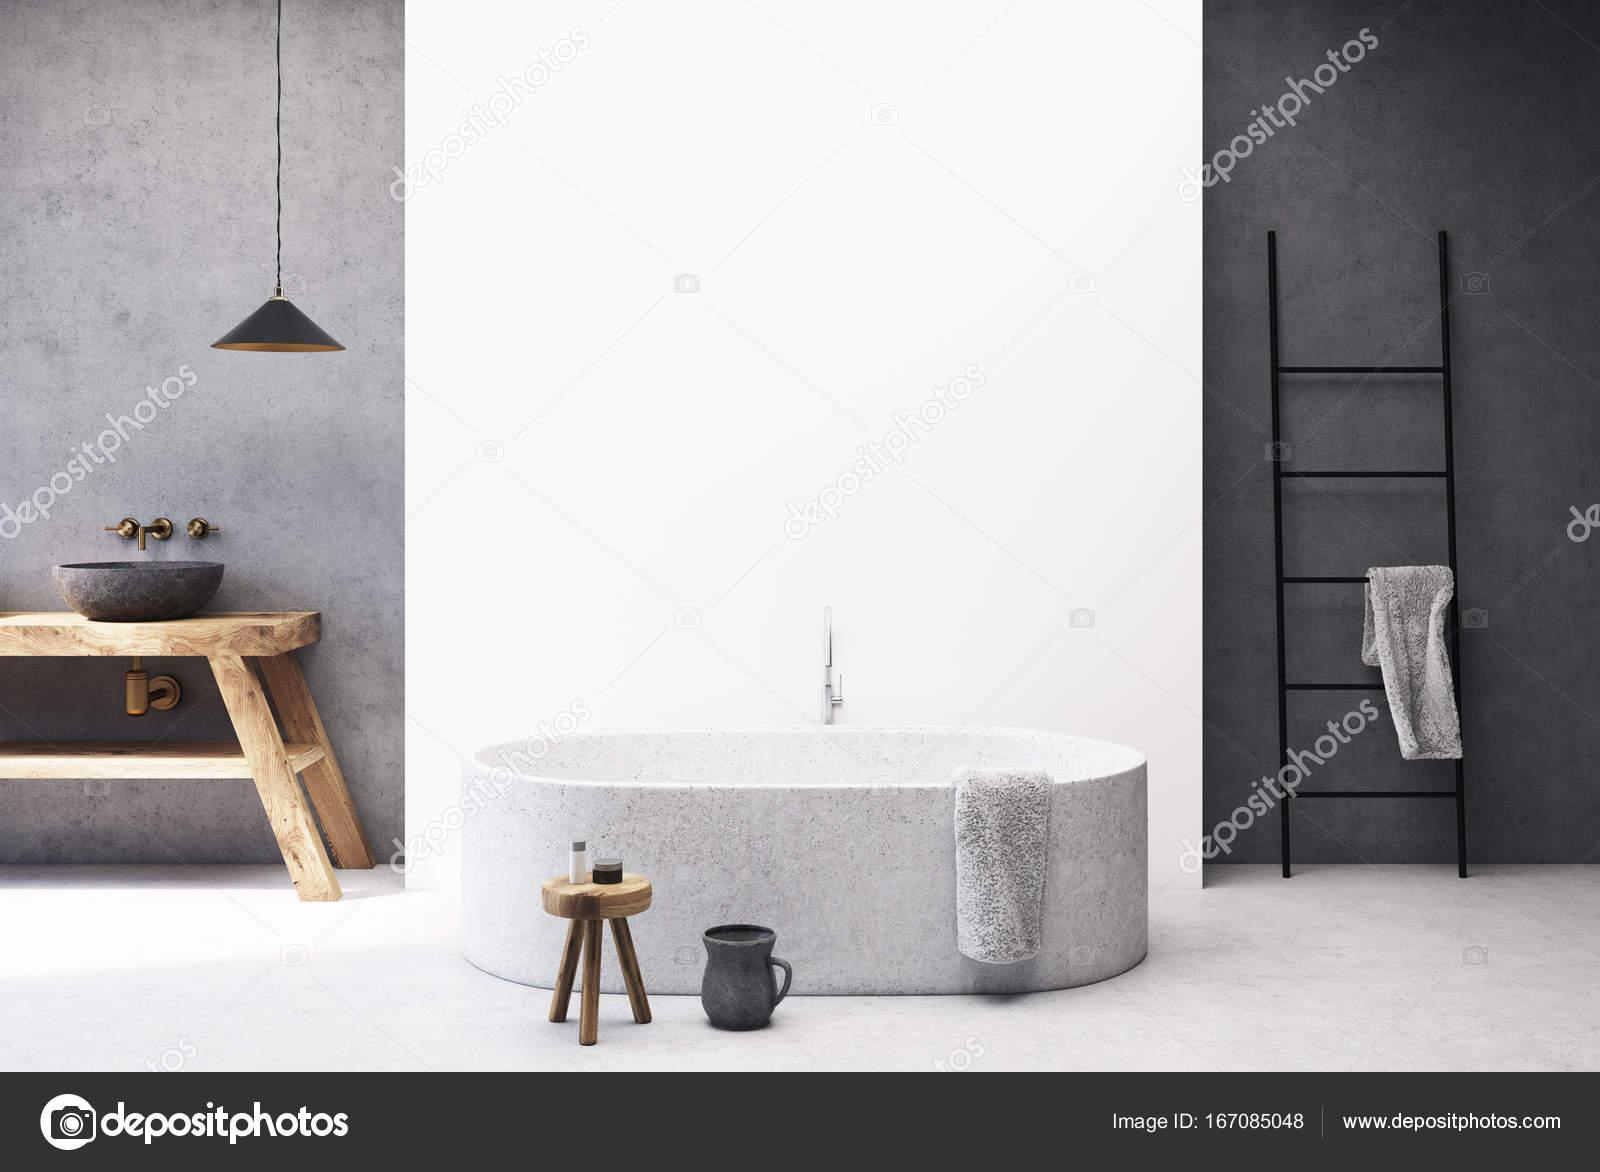 Vasca Da Lavare In Cemento : Bagno bianco e cemento rotonda vasca u foto stock